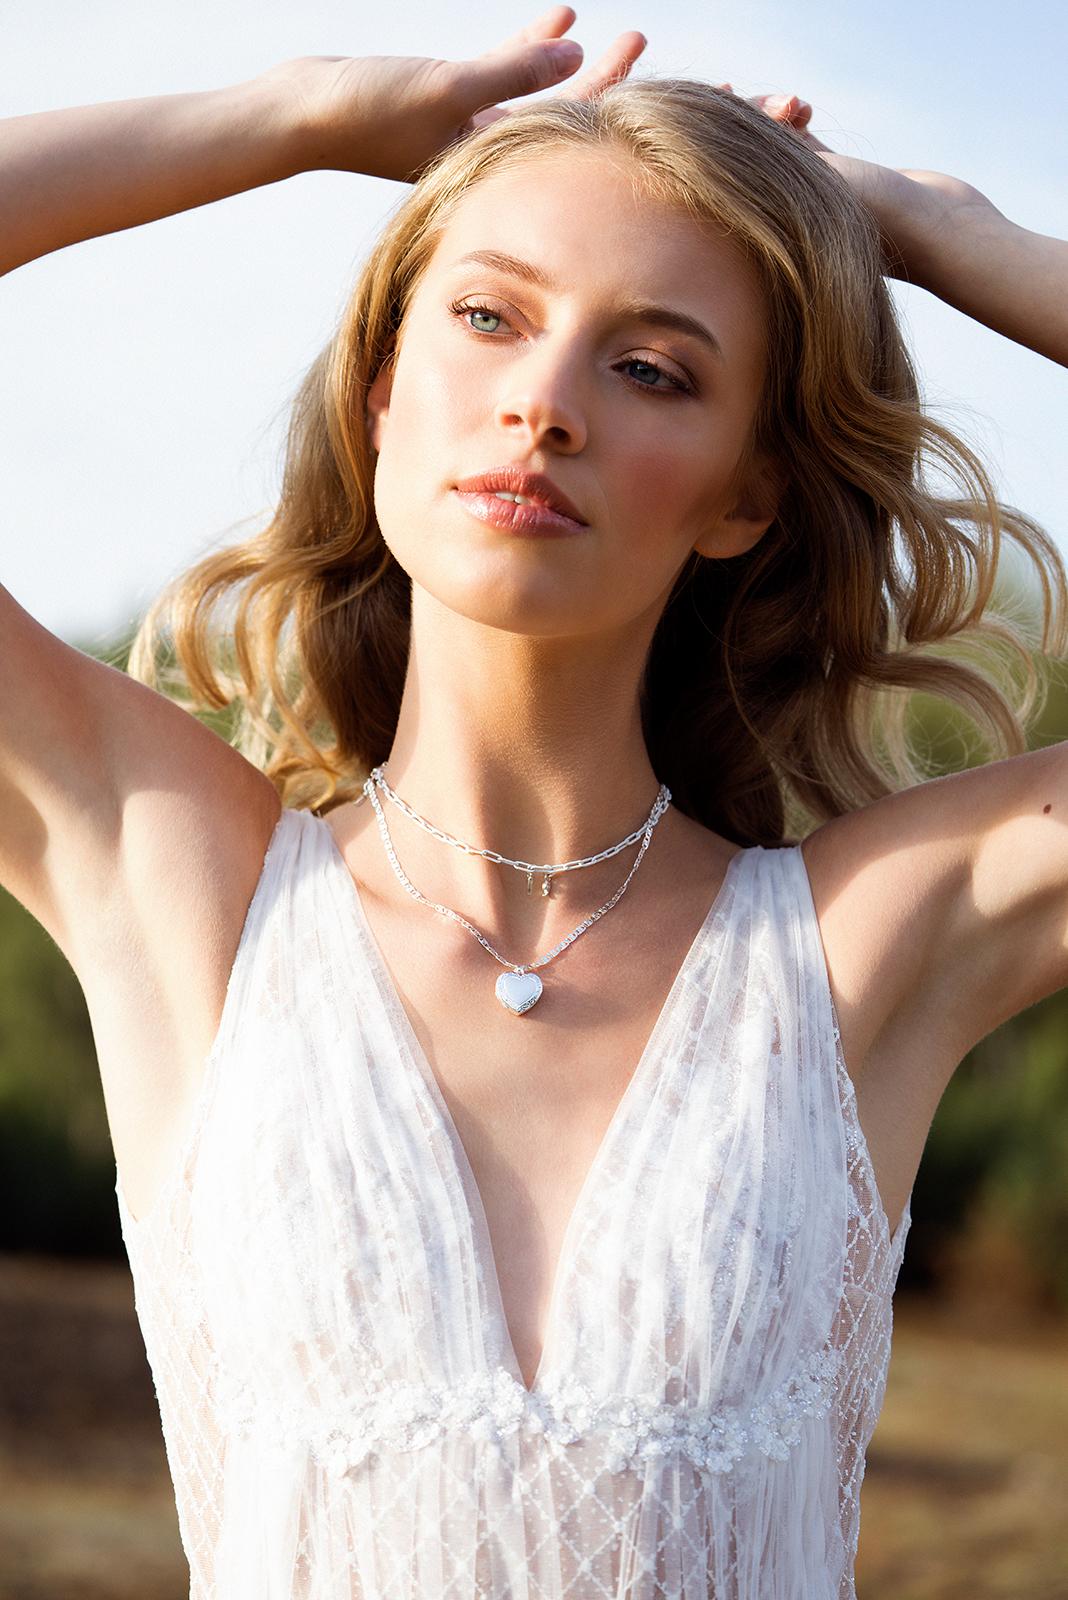 Blonde Frau trägt einen weißen Tüllbody.